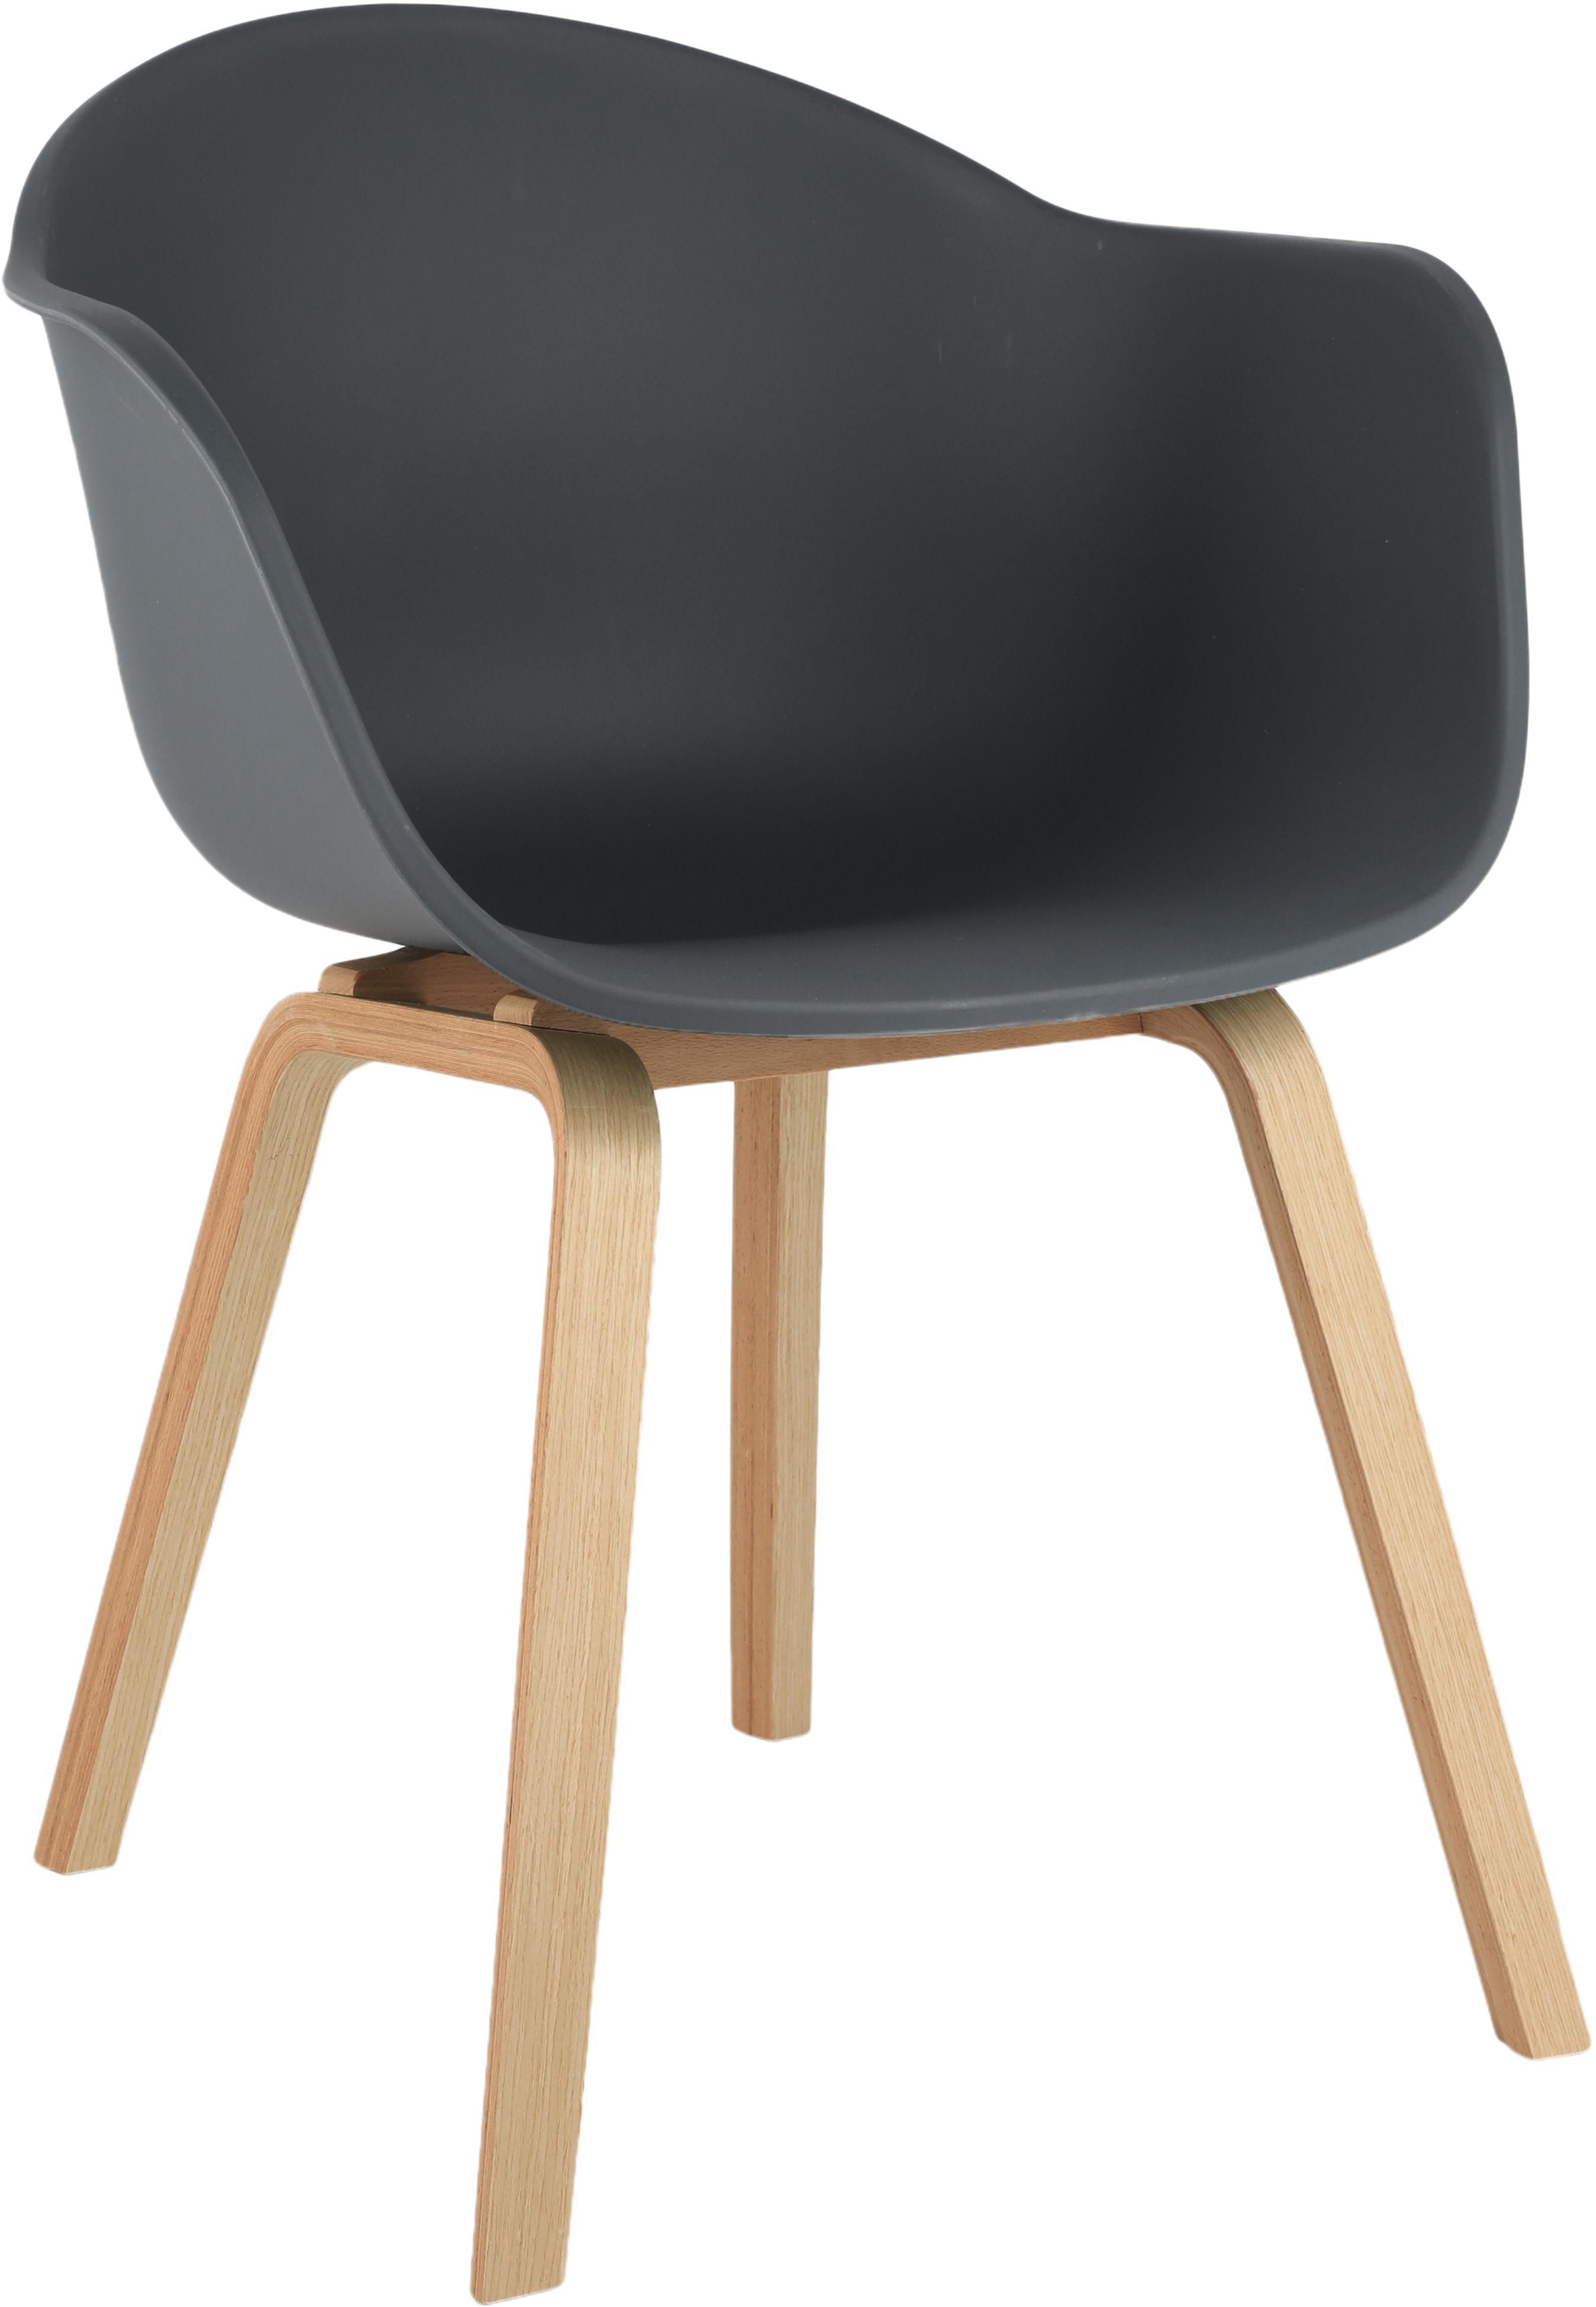 Sedia con braccioli e gambe in legno Claire, Seduta: materiale sintetico, Gambe: legno di faggio, Seduta: grigio scuro Gambe: legno di faggio, Larg. 54 x Prof. 60 cm